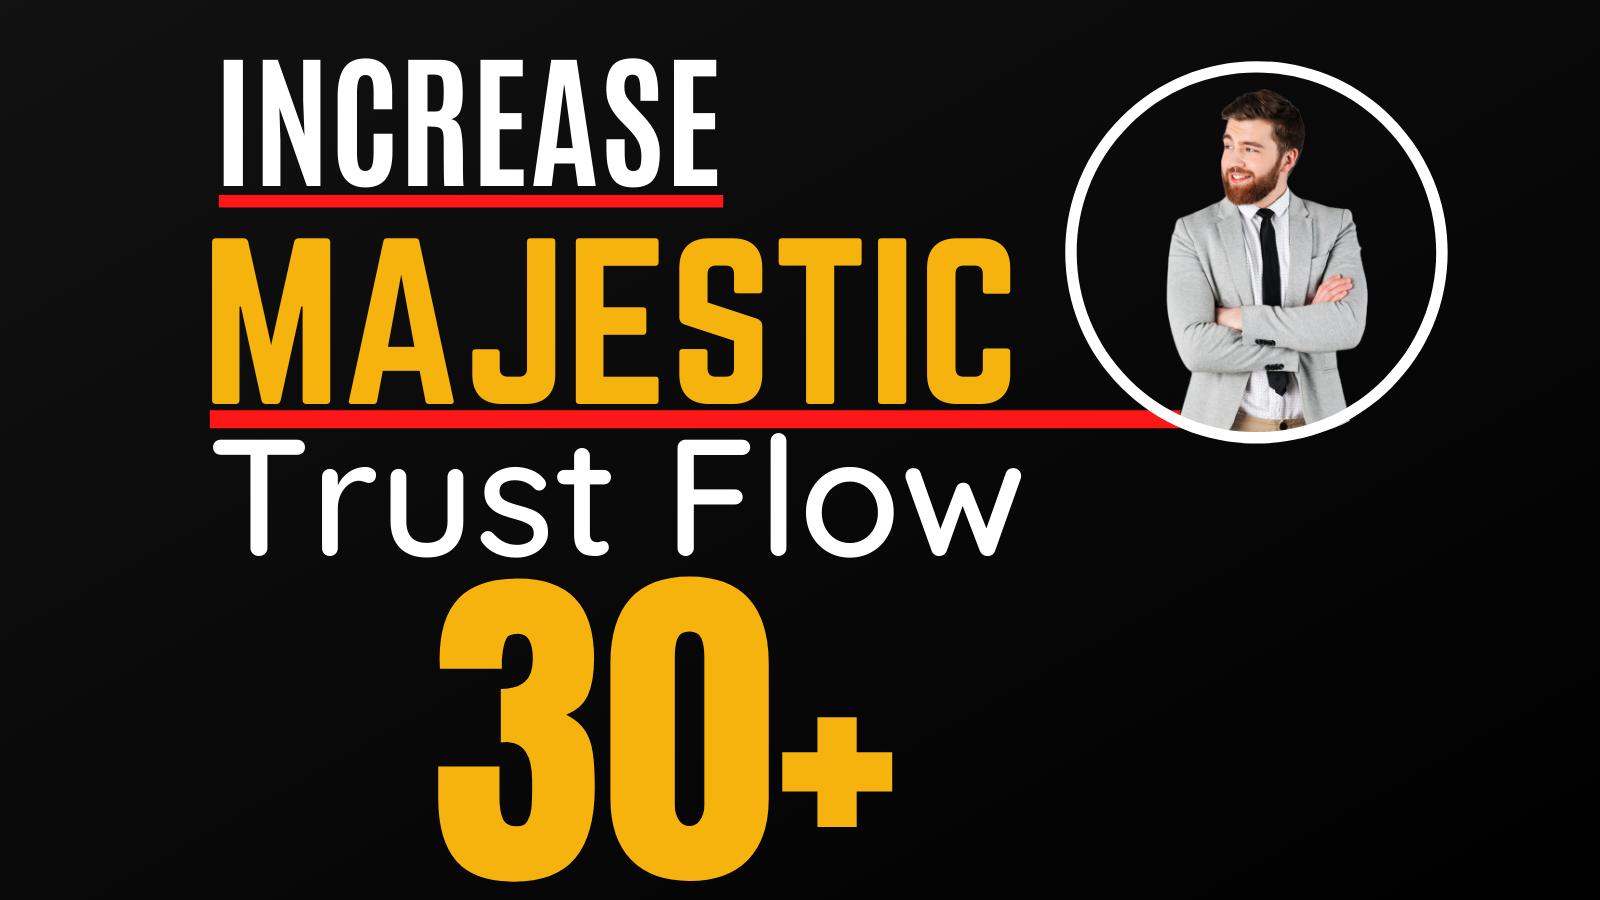 I will increase Majestic trust flow,  majestic tf 30plus guaranteed